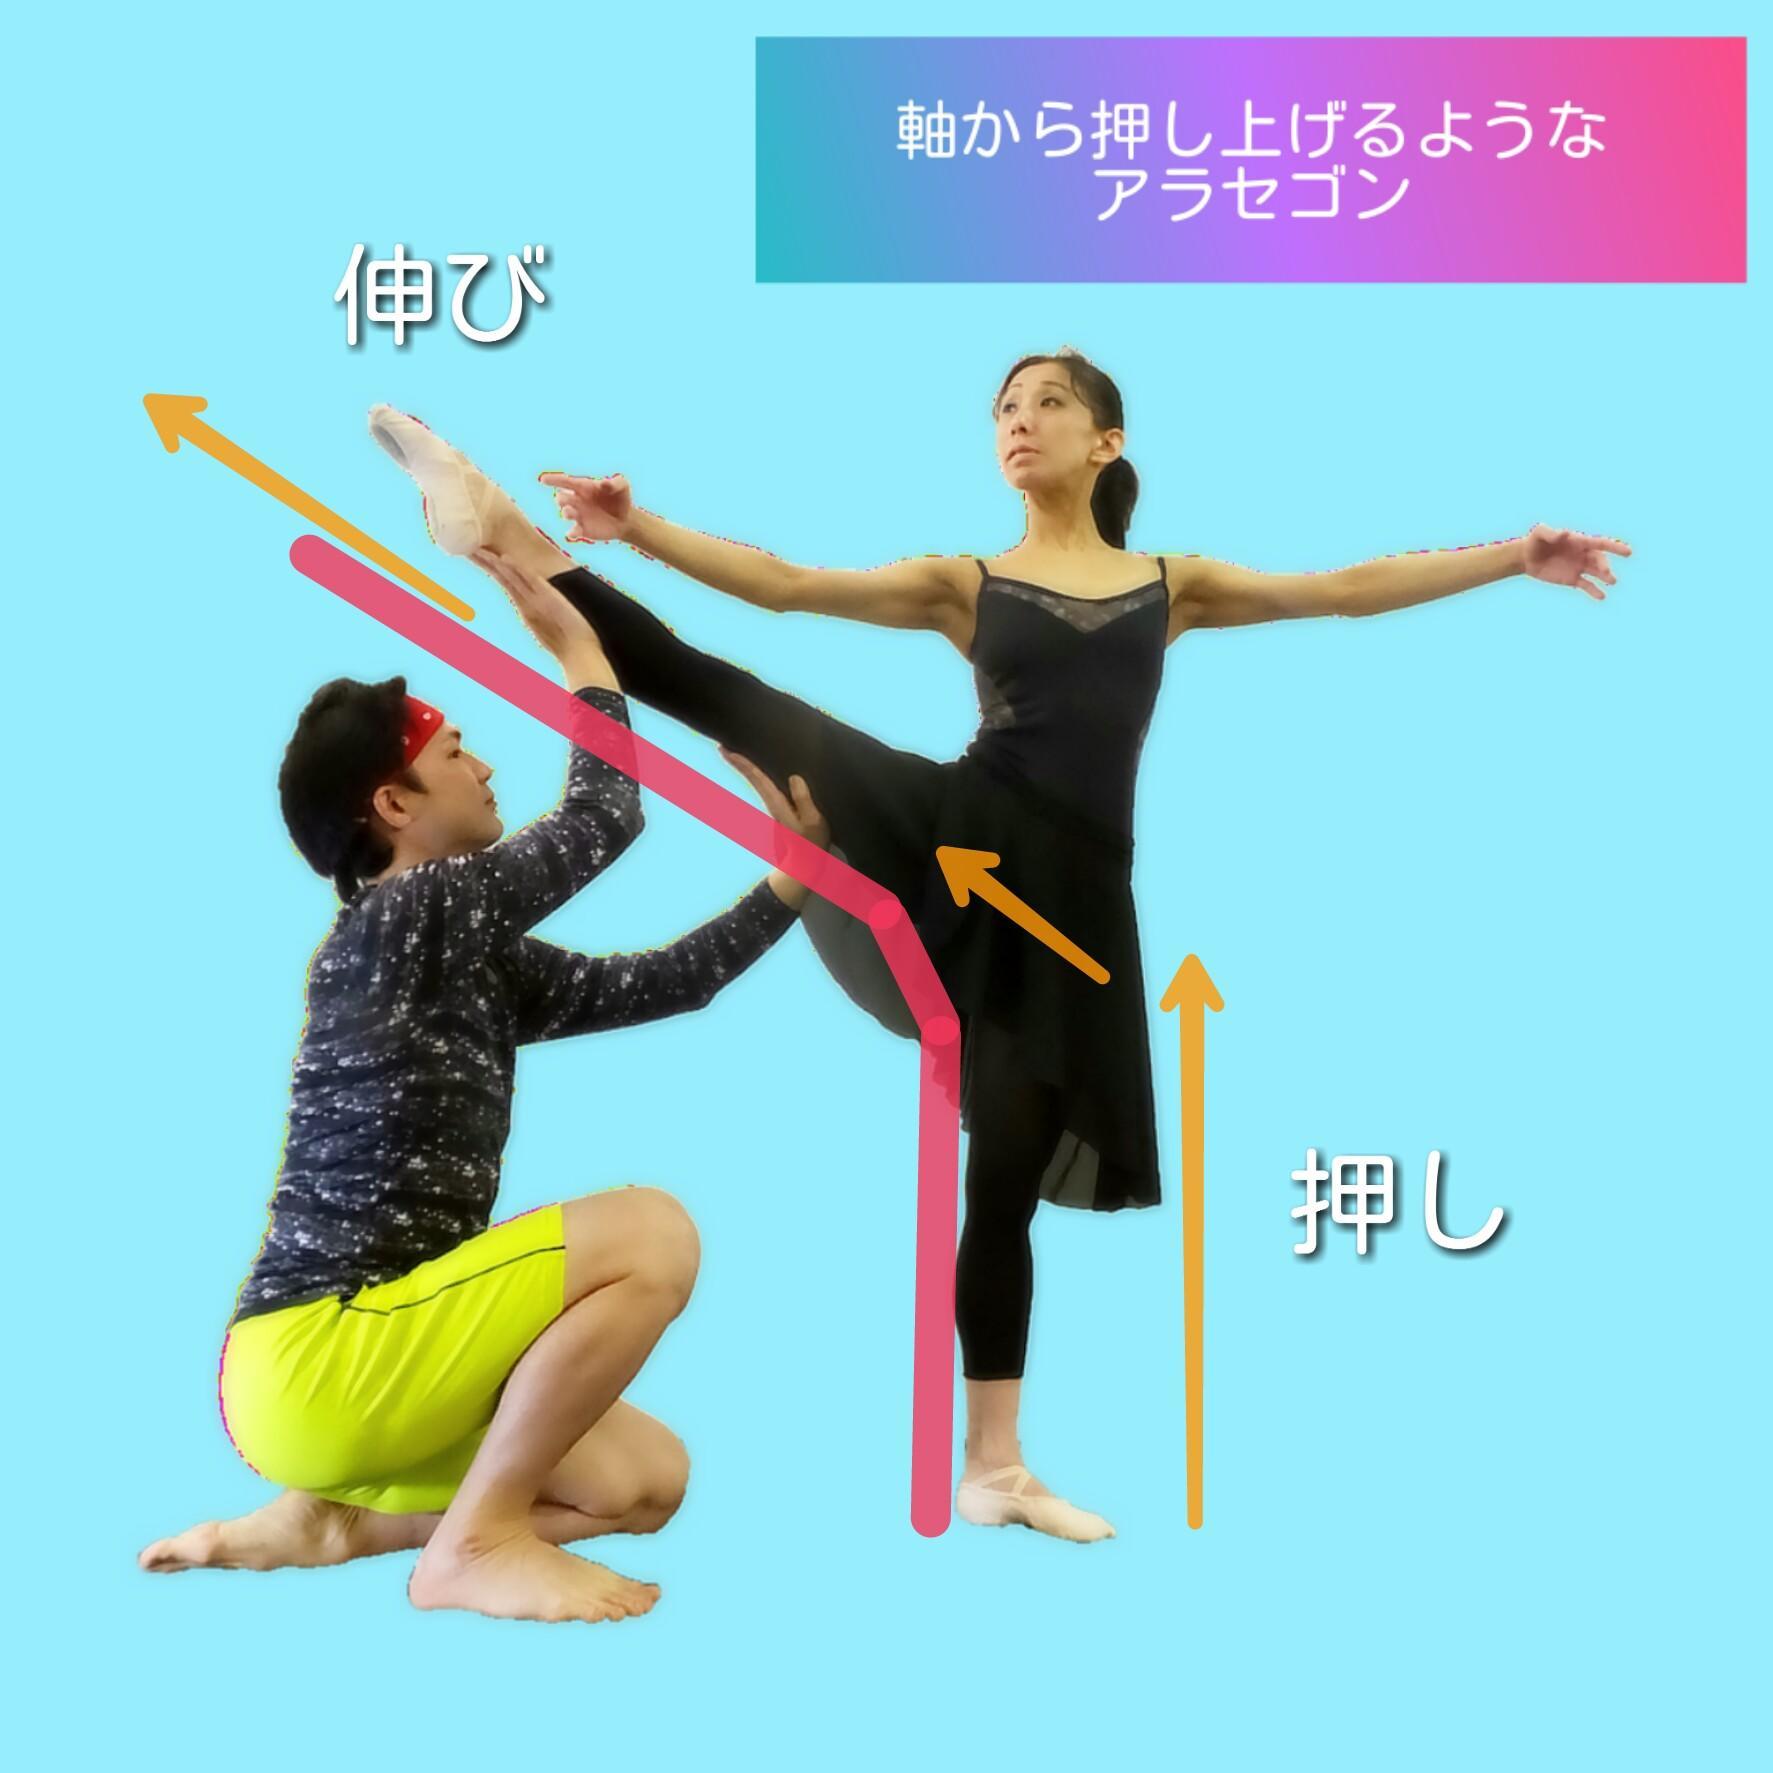 京子の脚を押し上げる.jpg